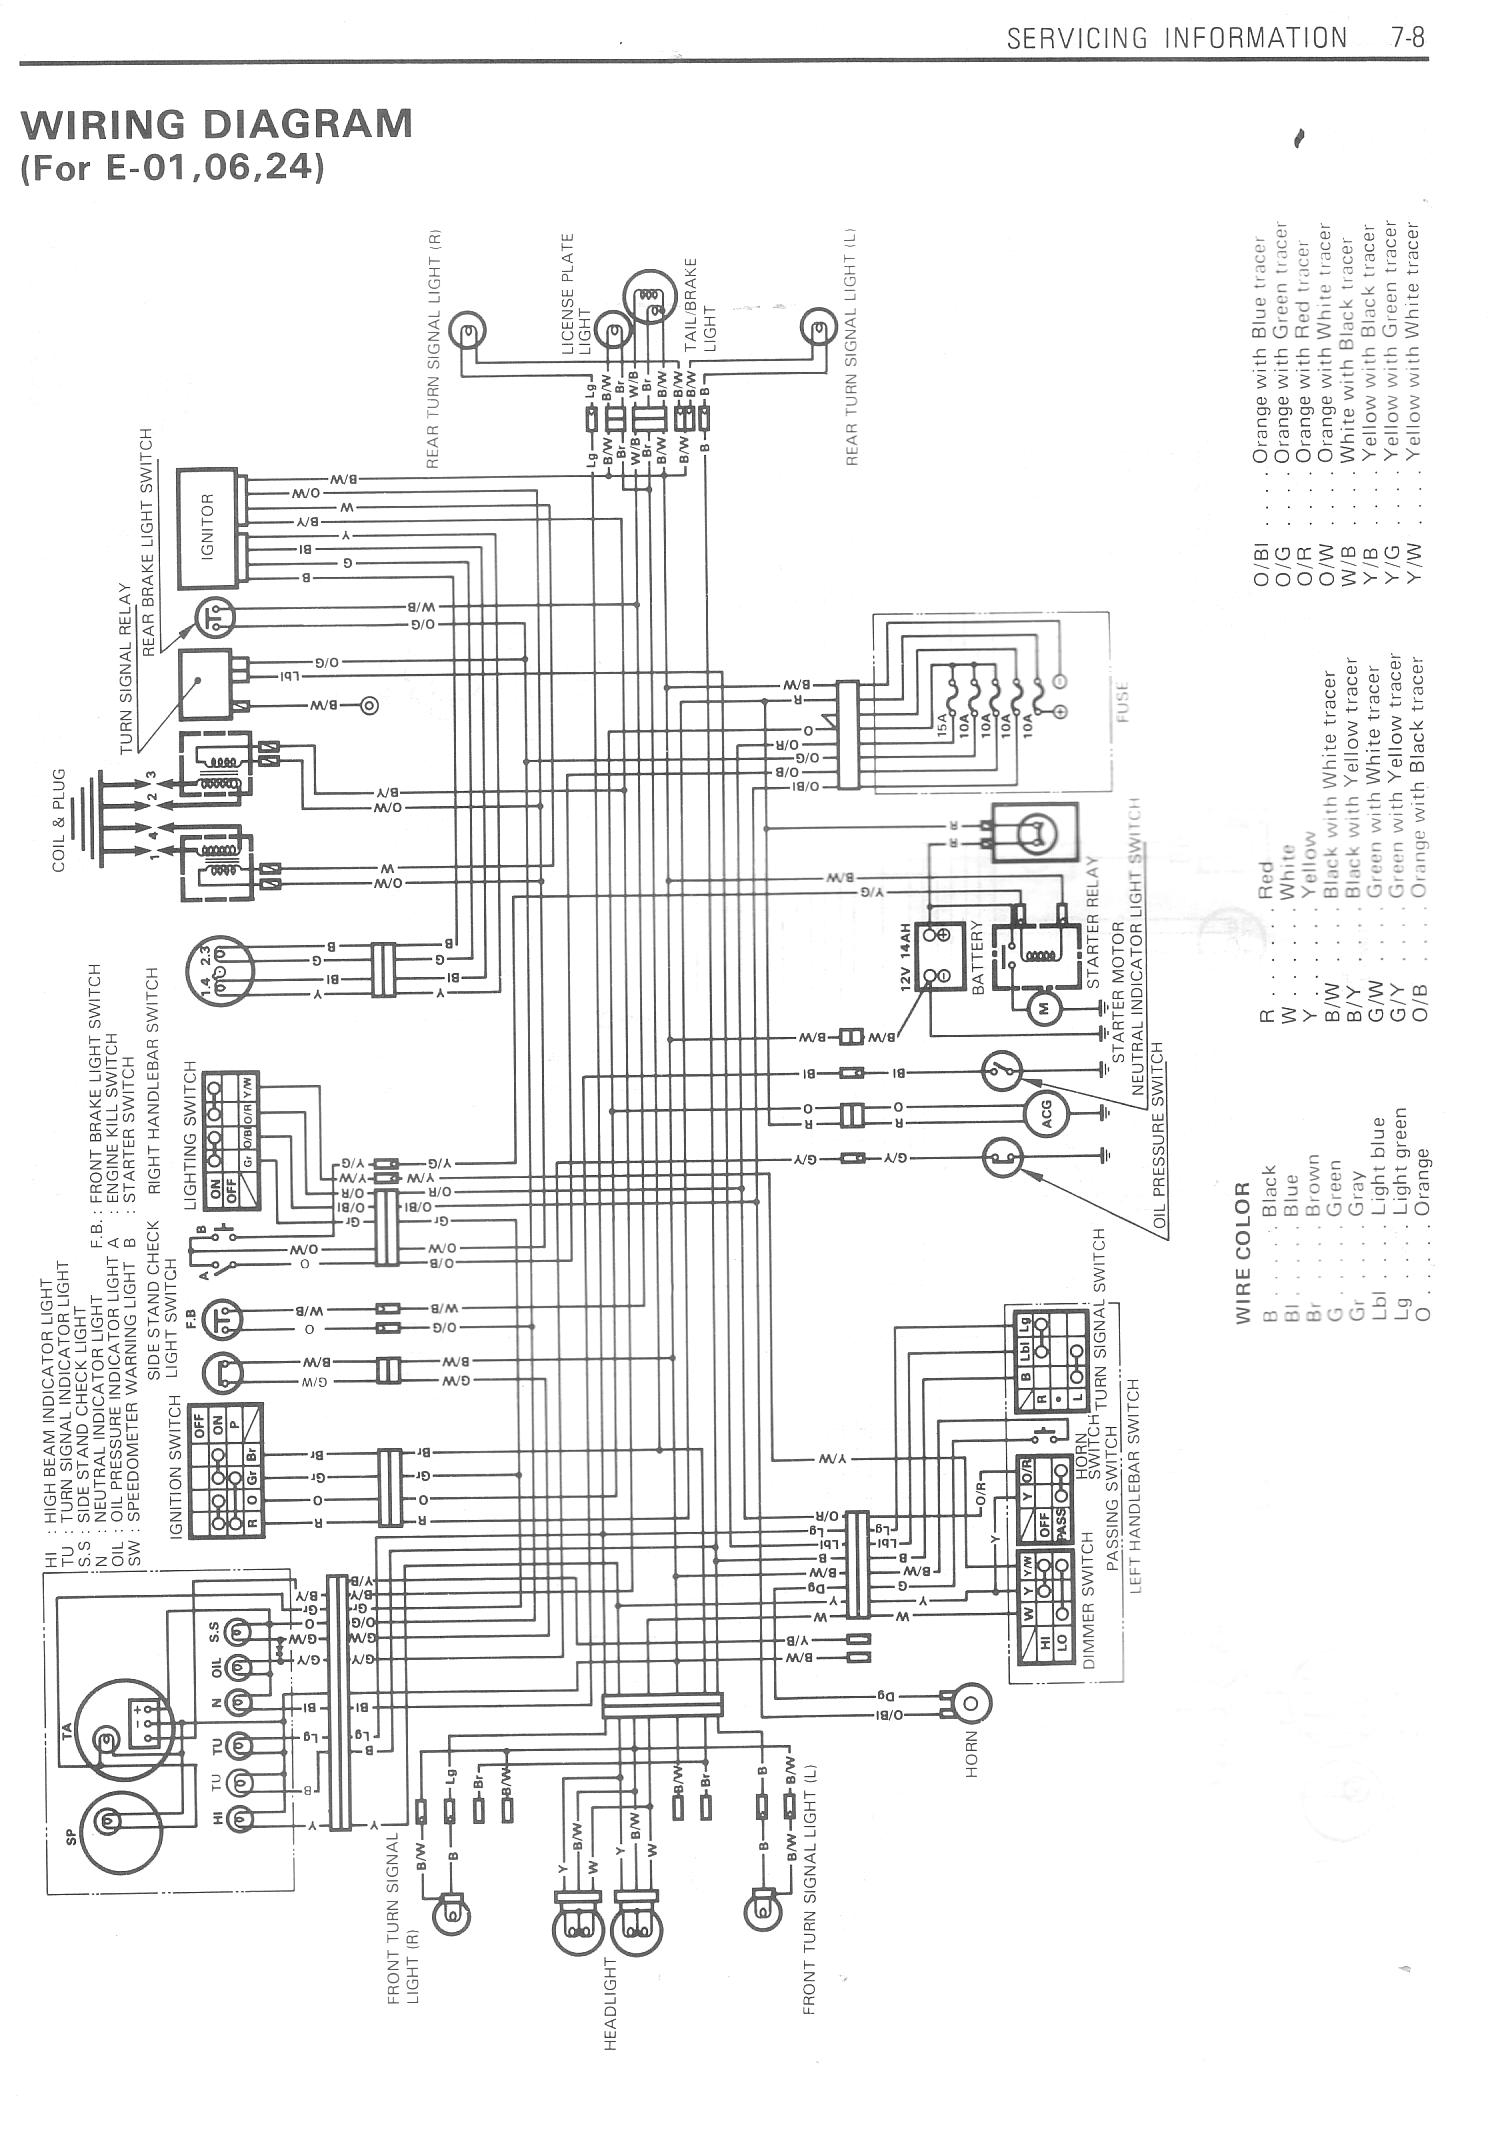 suzuki hayabusa wiring diagram ac condenser fan motor 1999 auto